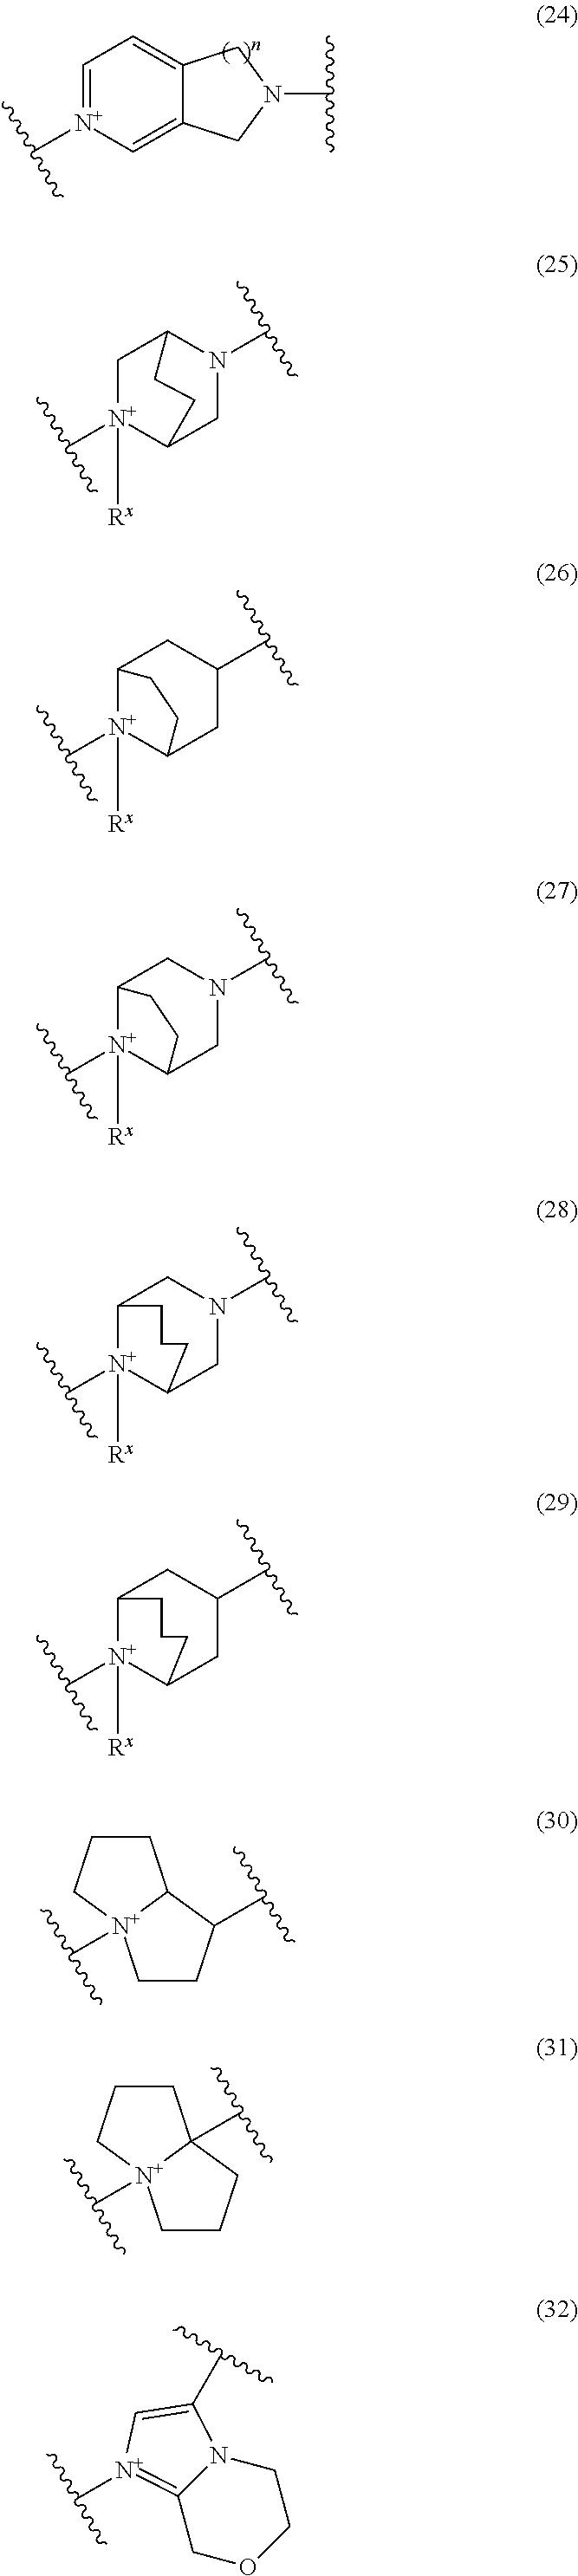 Figure US08883773-20141111-C00007